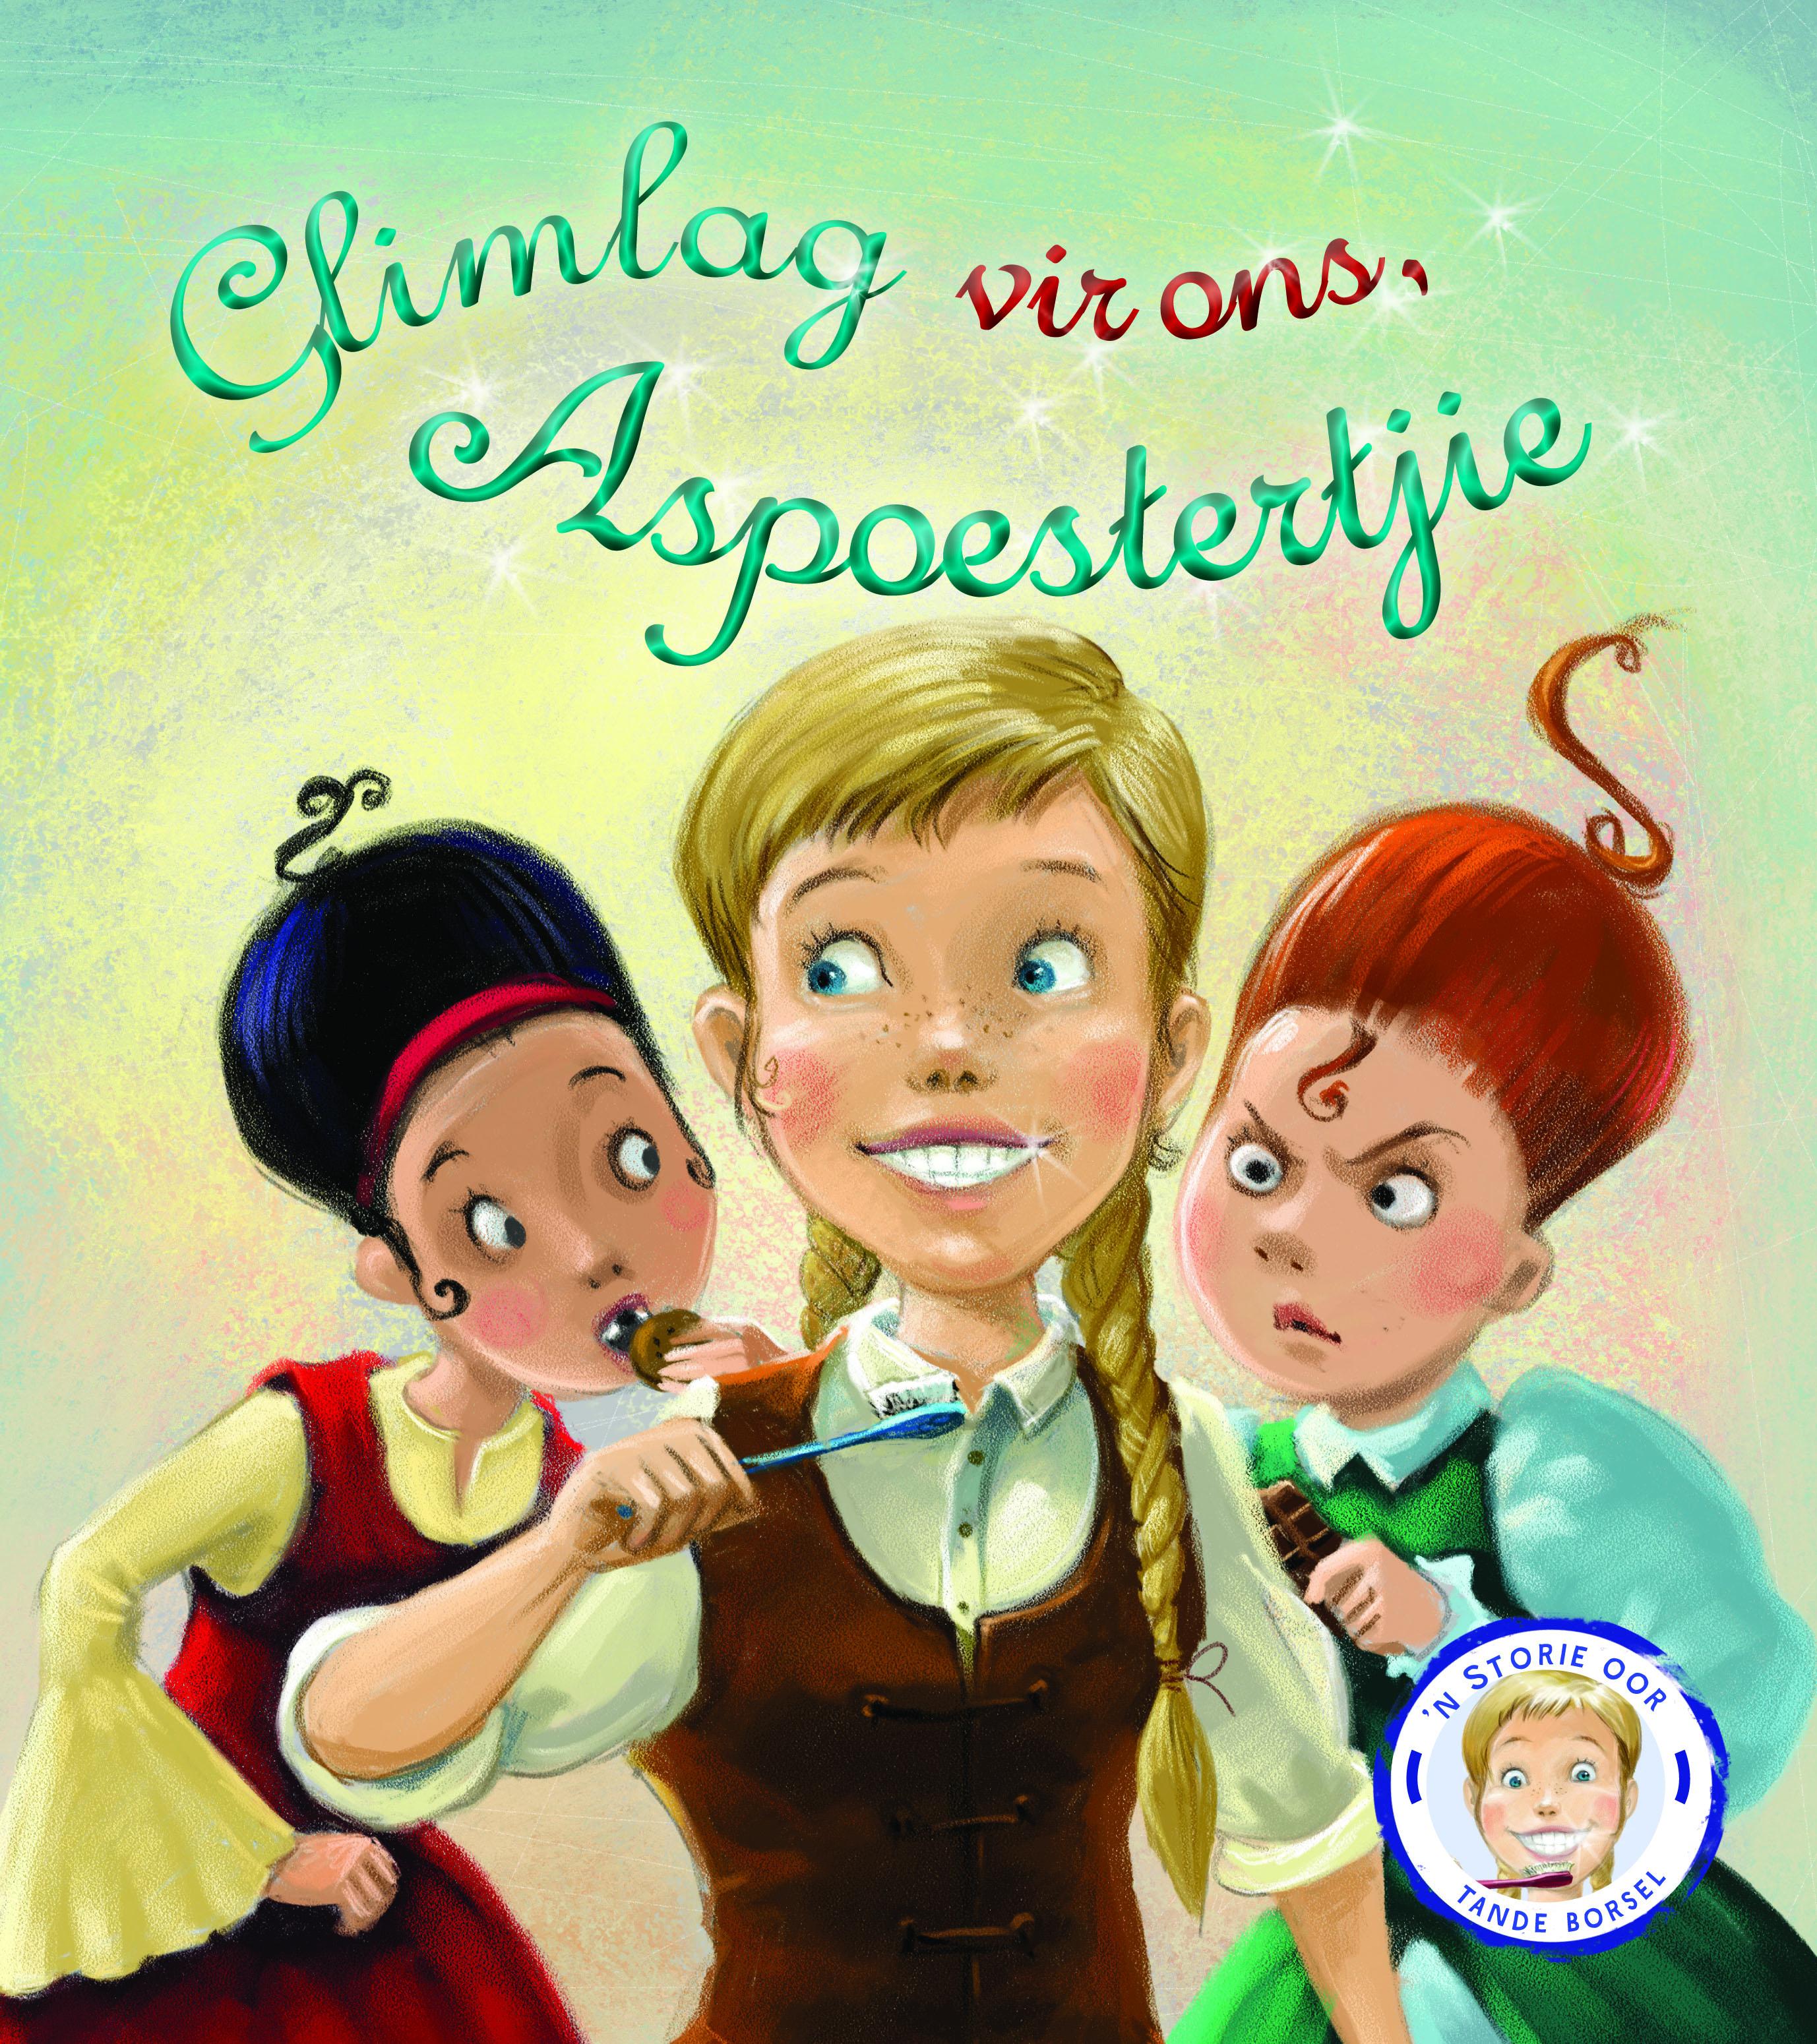 Picture of Glimlag vir ons, Aspoestertjie